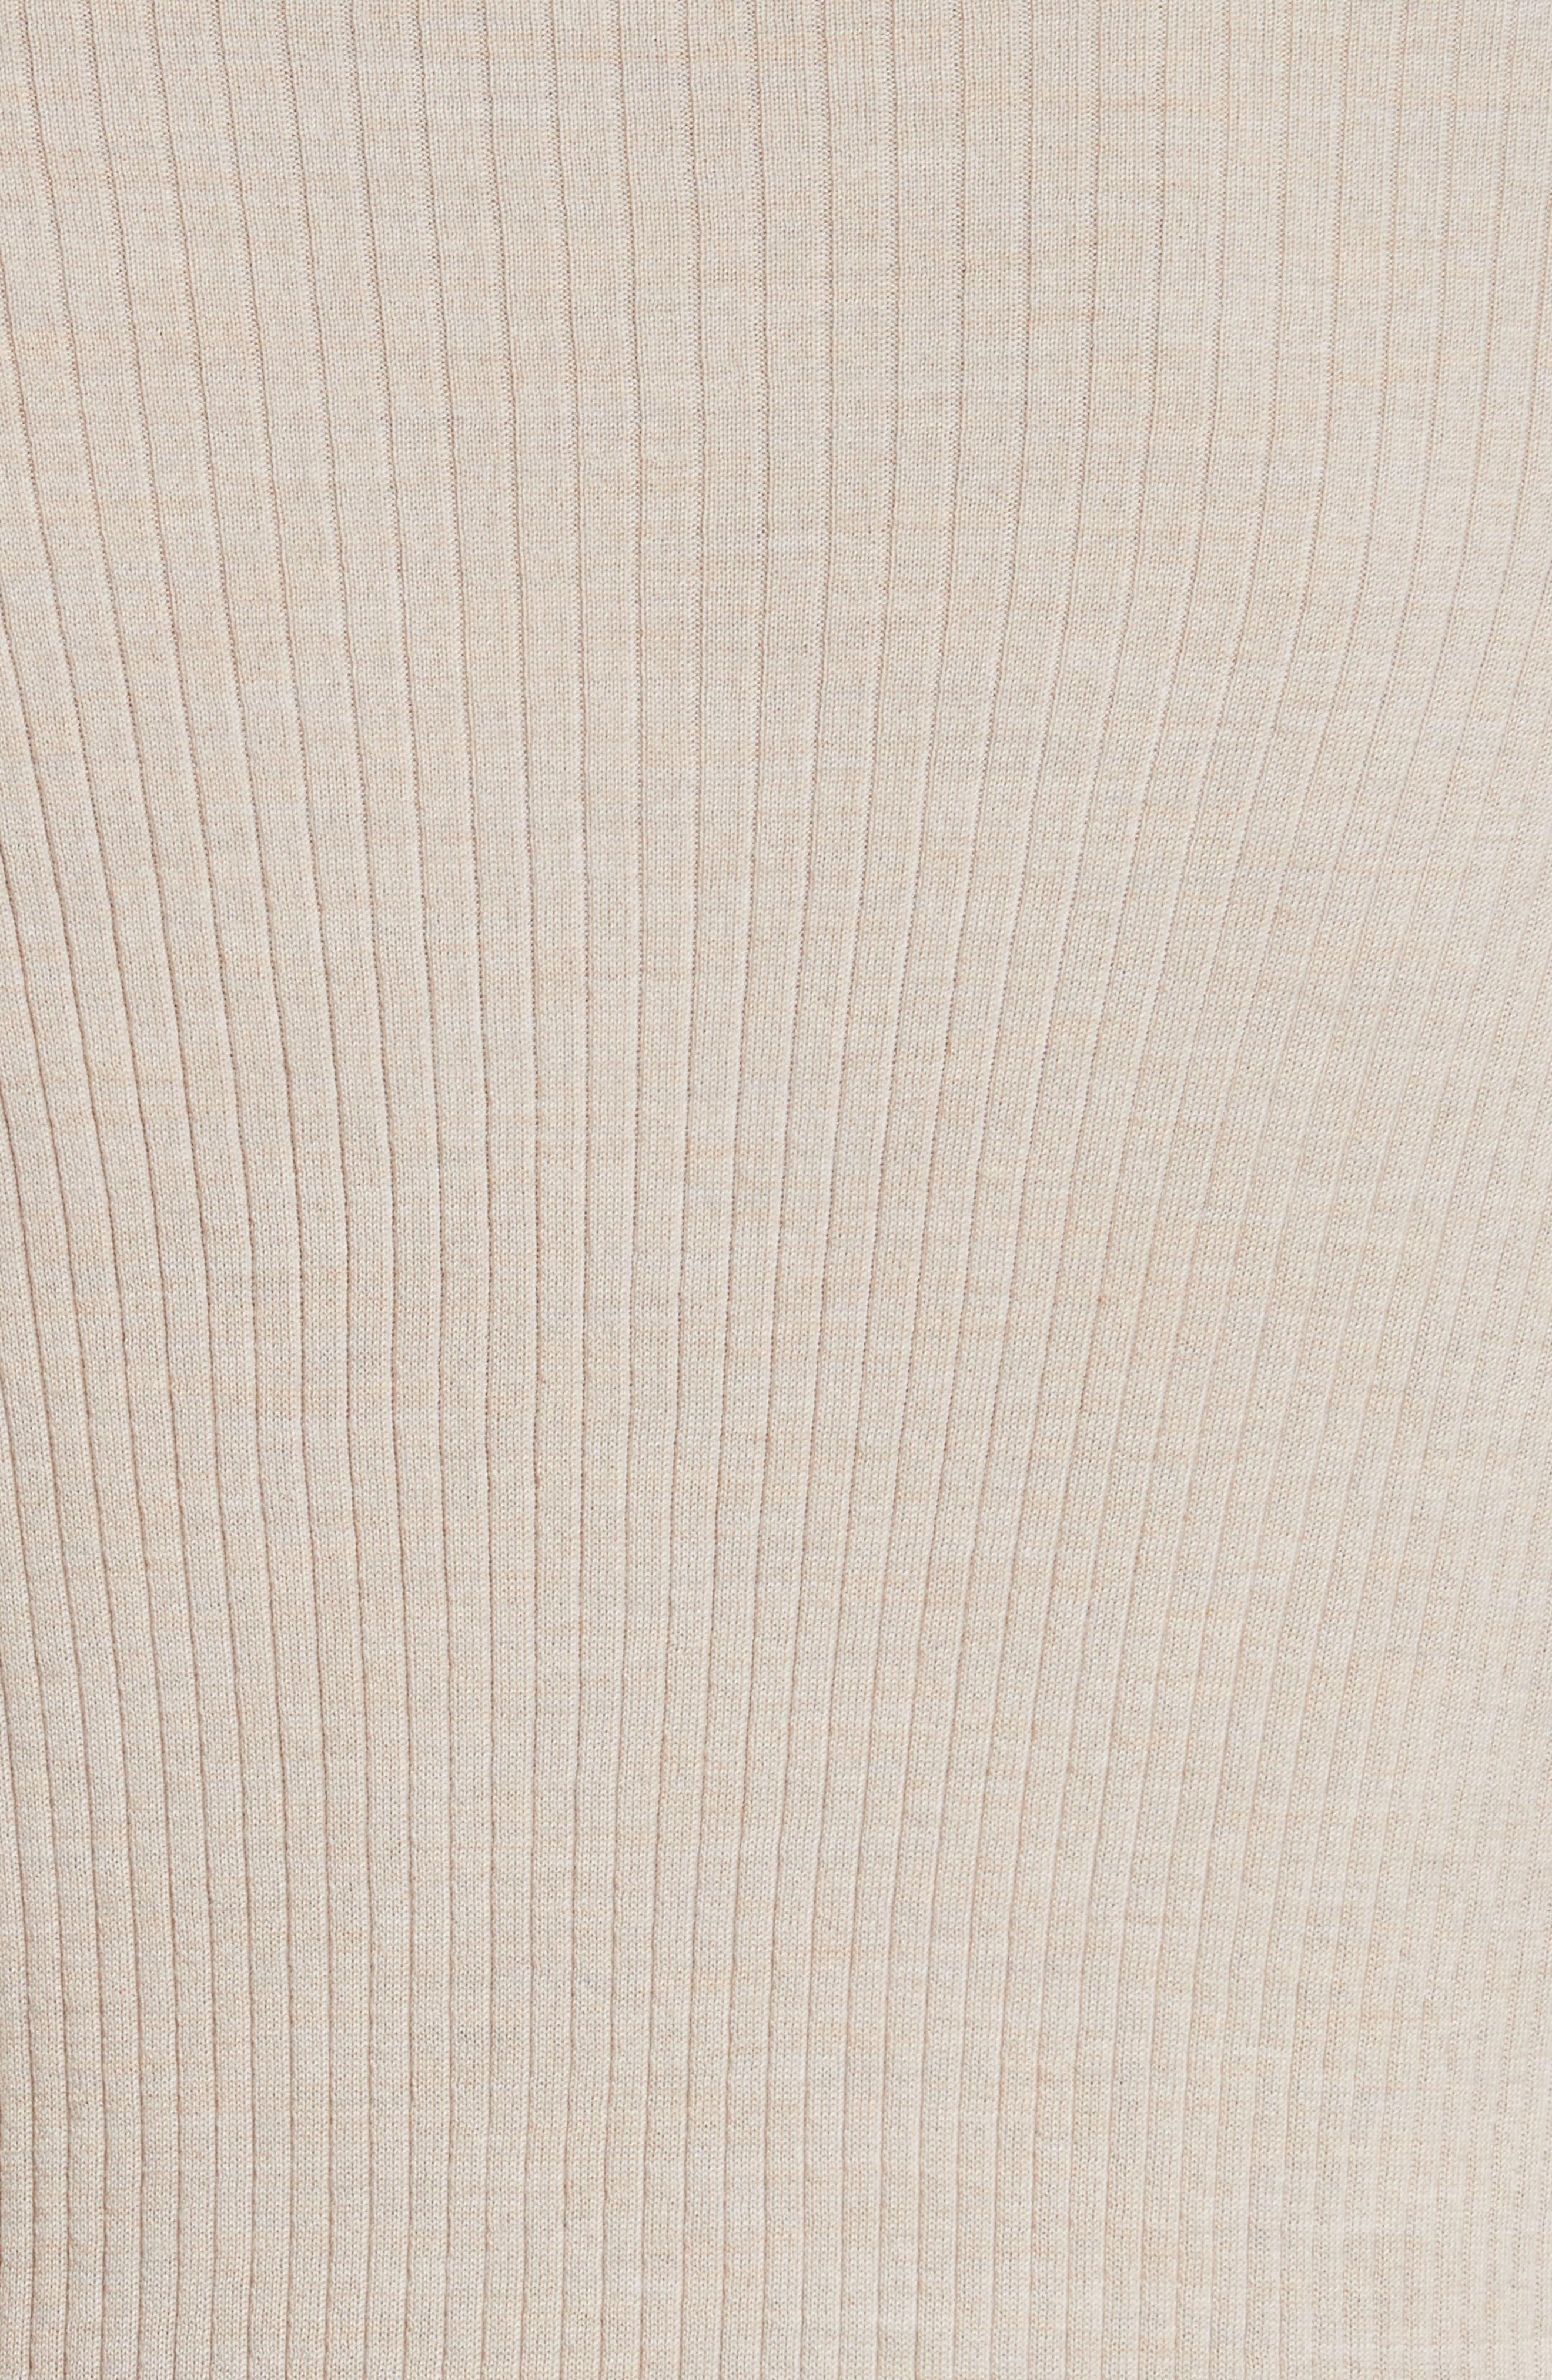 Metallic Wool Modern Ribbed Cardigan,                             Alternate thumbnail 6, color,                             Luxor Melange